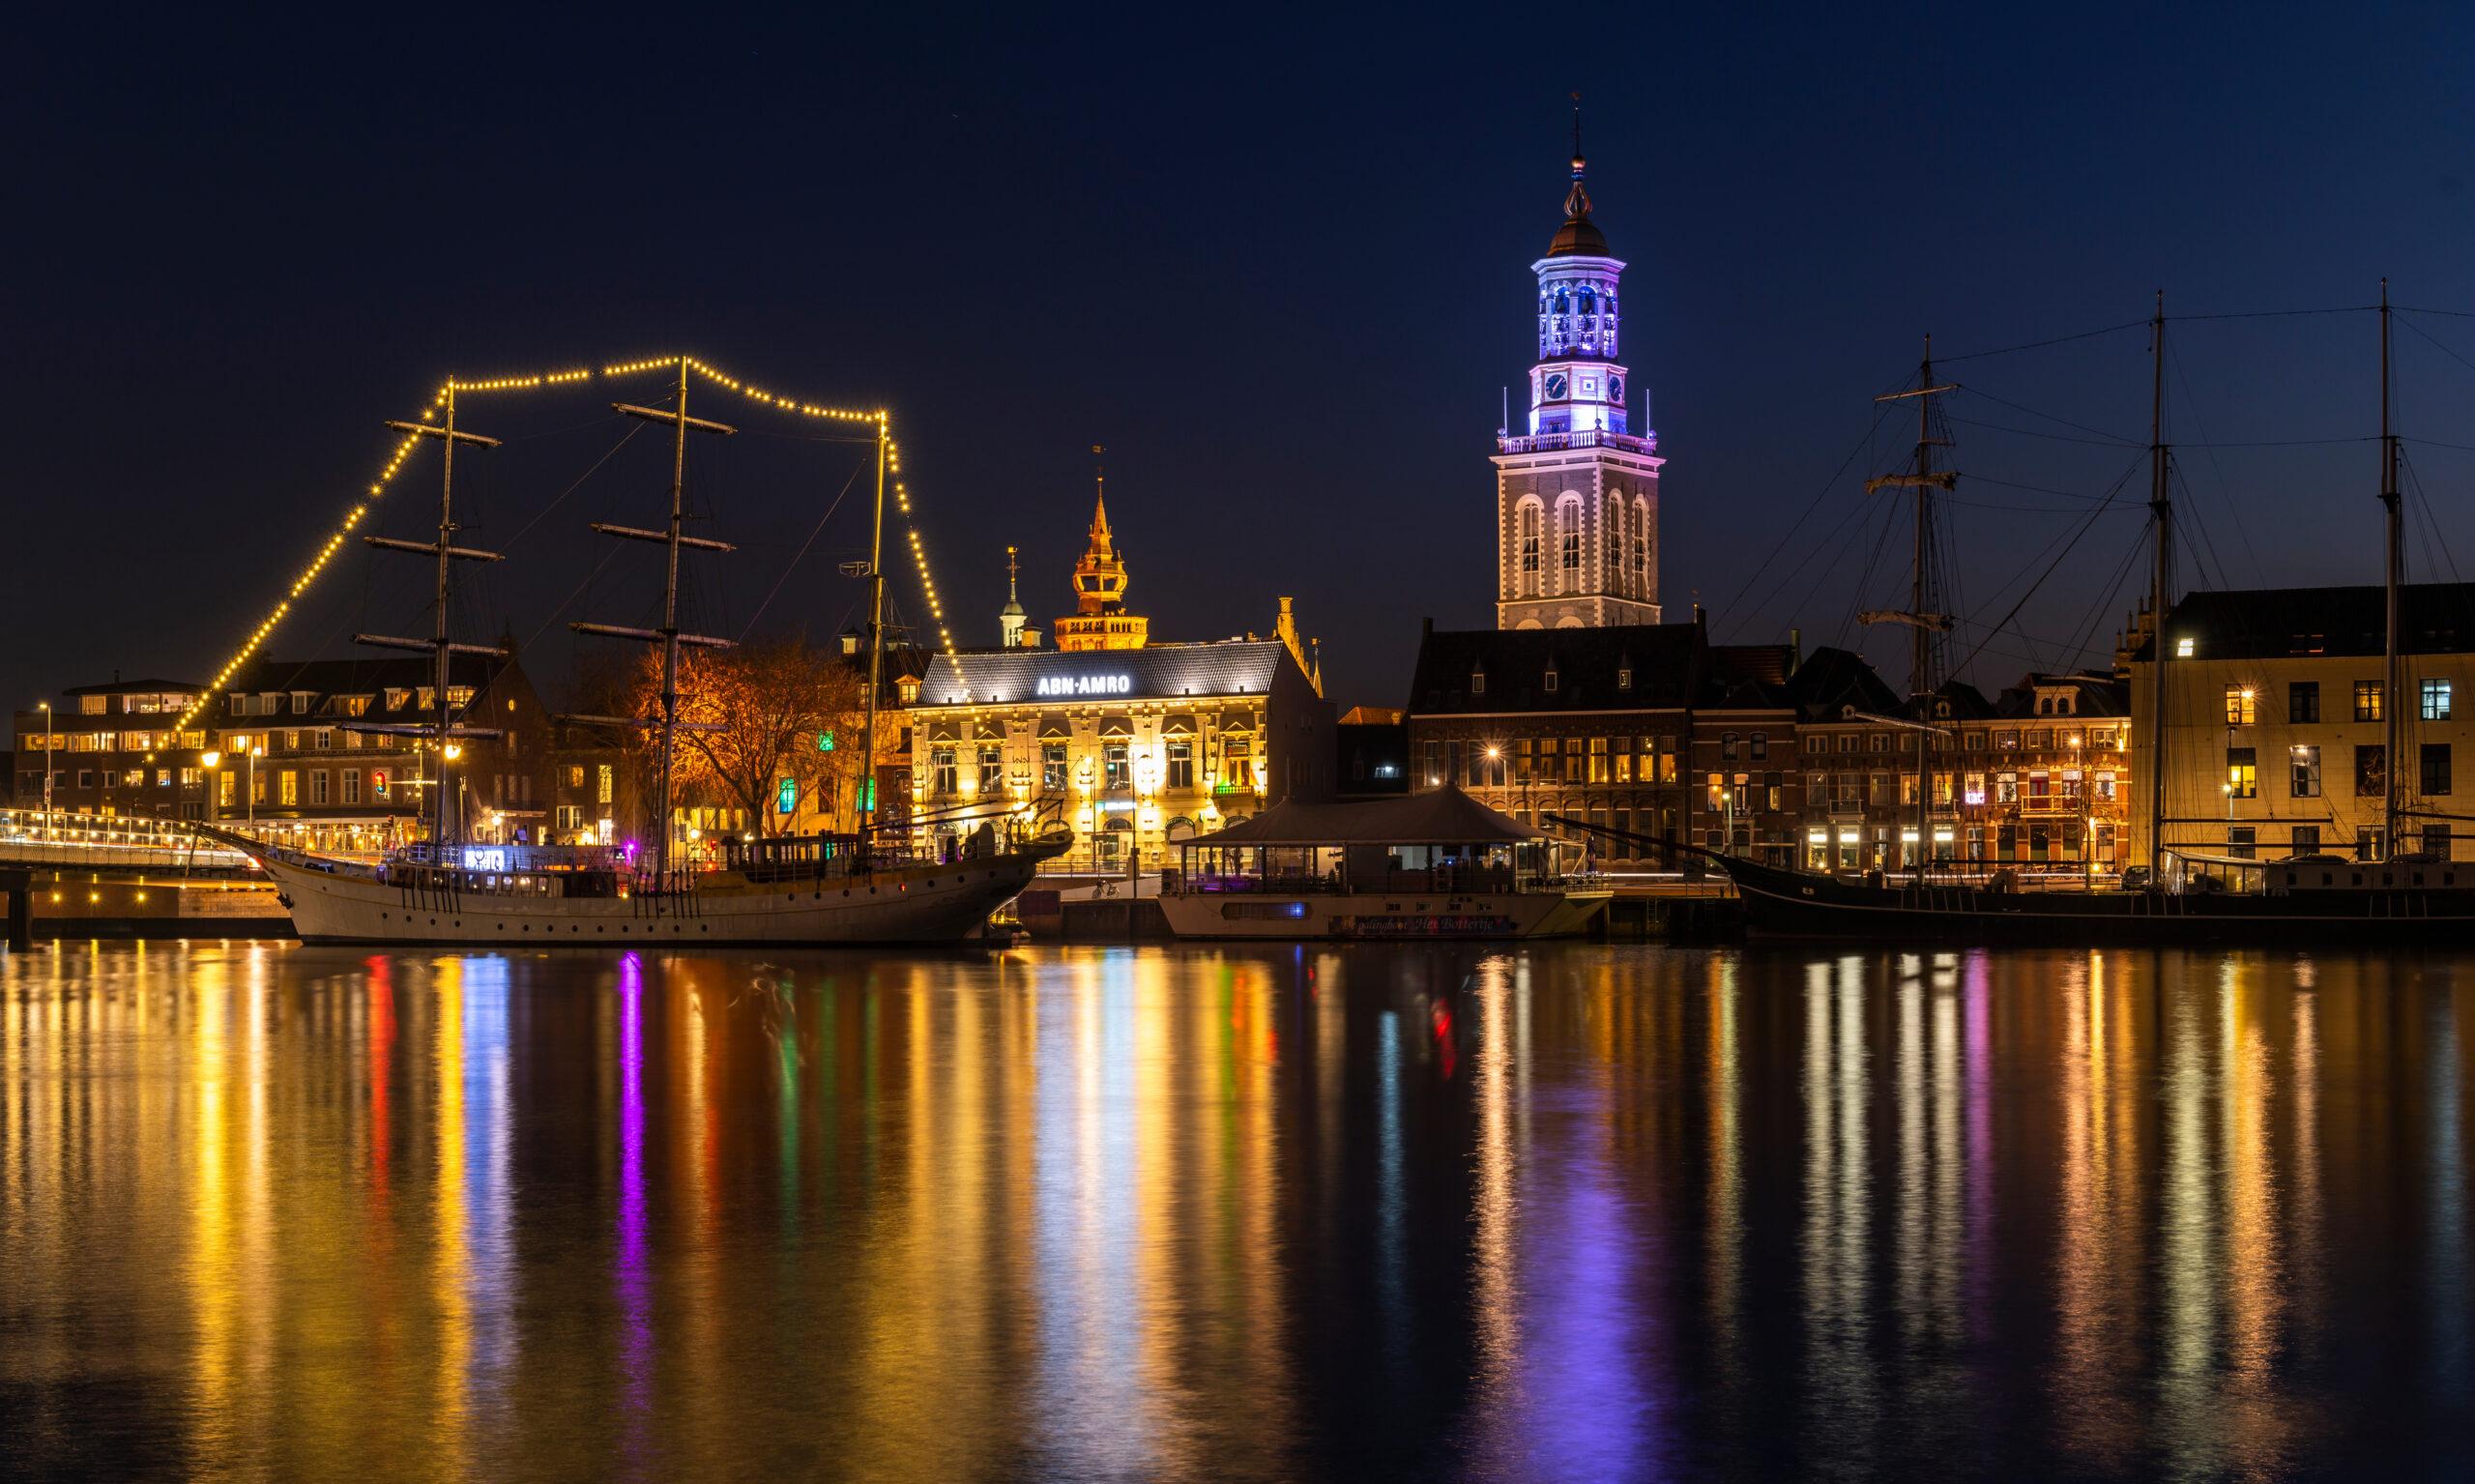 Kampen,,Netherlands,-,February,27,,2019:,Monumental,City,Of,Kampen